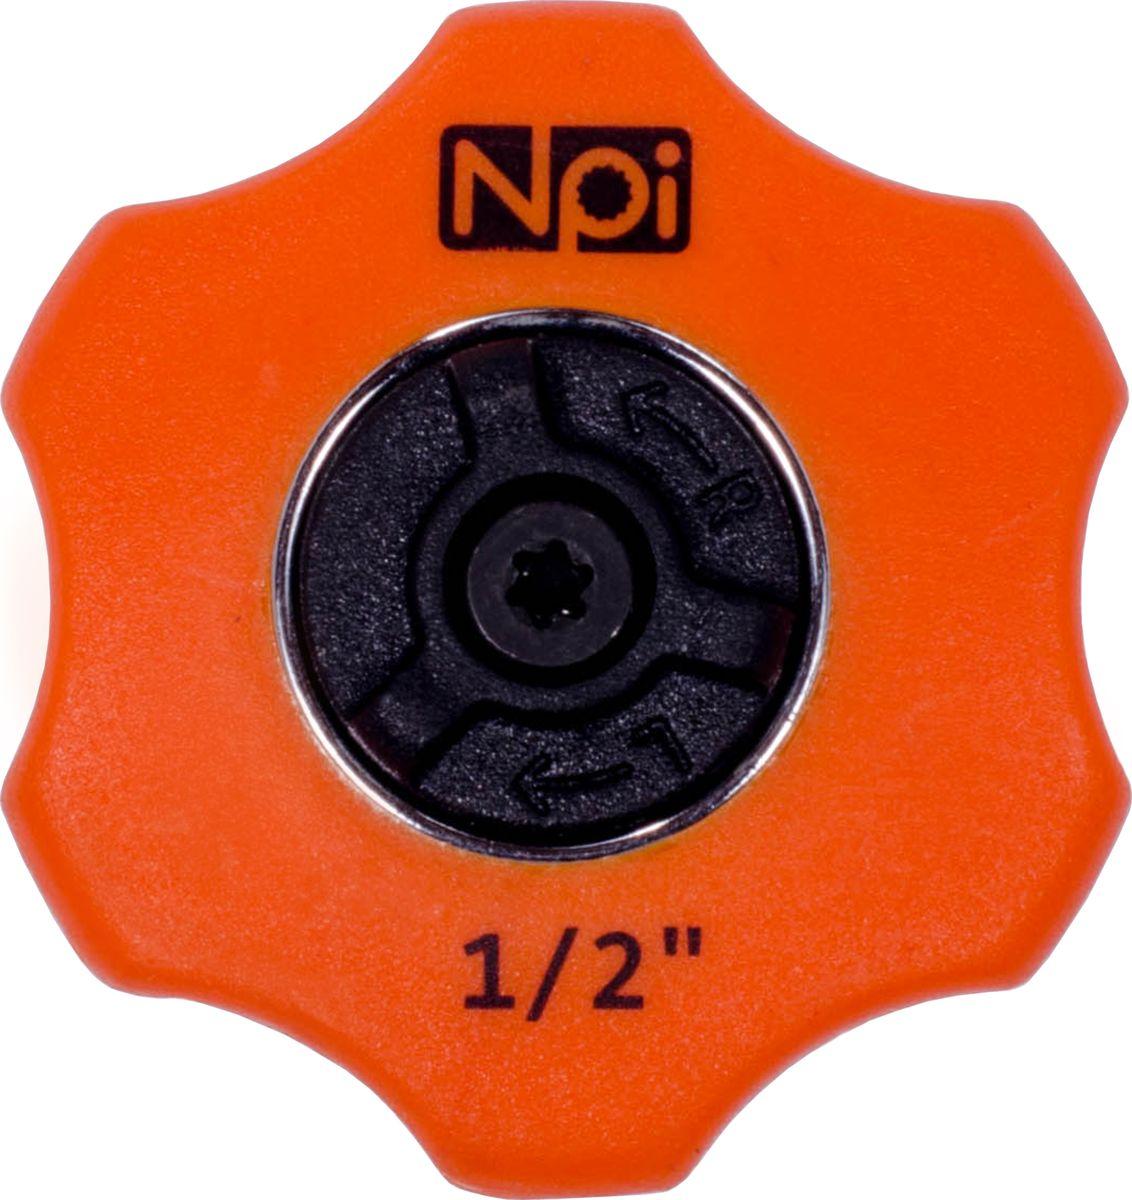 Трещотка-мини NPI, 1/2, 72 зуба20512Мини-трещотка NPI используется для монтажа/демонтажа различных резьбовых соединений. Трещетка имеет встроенный переключатель вращения и прочное композитное покрытие. Количество зубьев - 72. Присоединительный размер: 1/2.